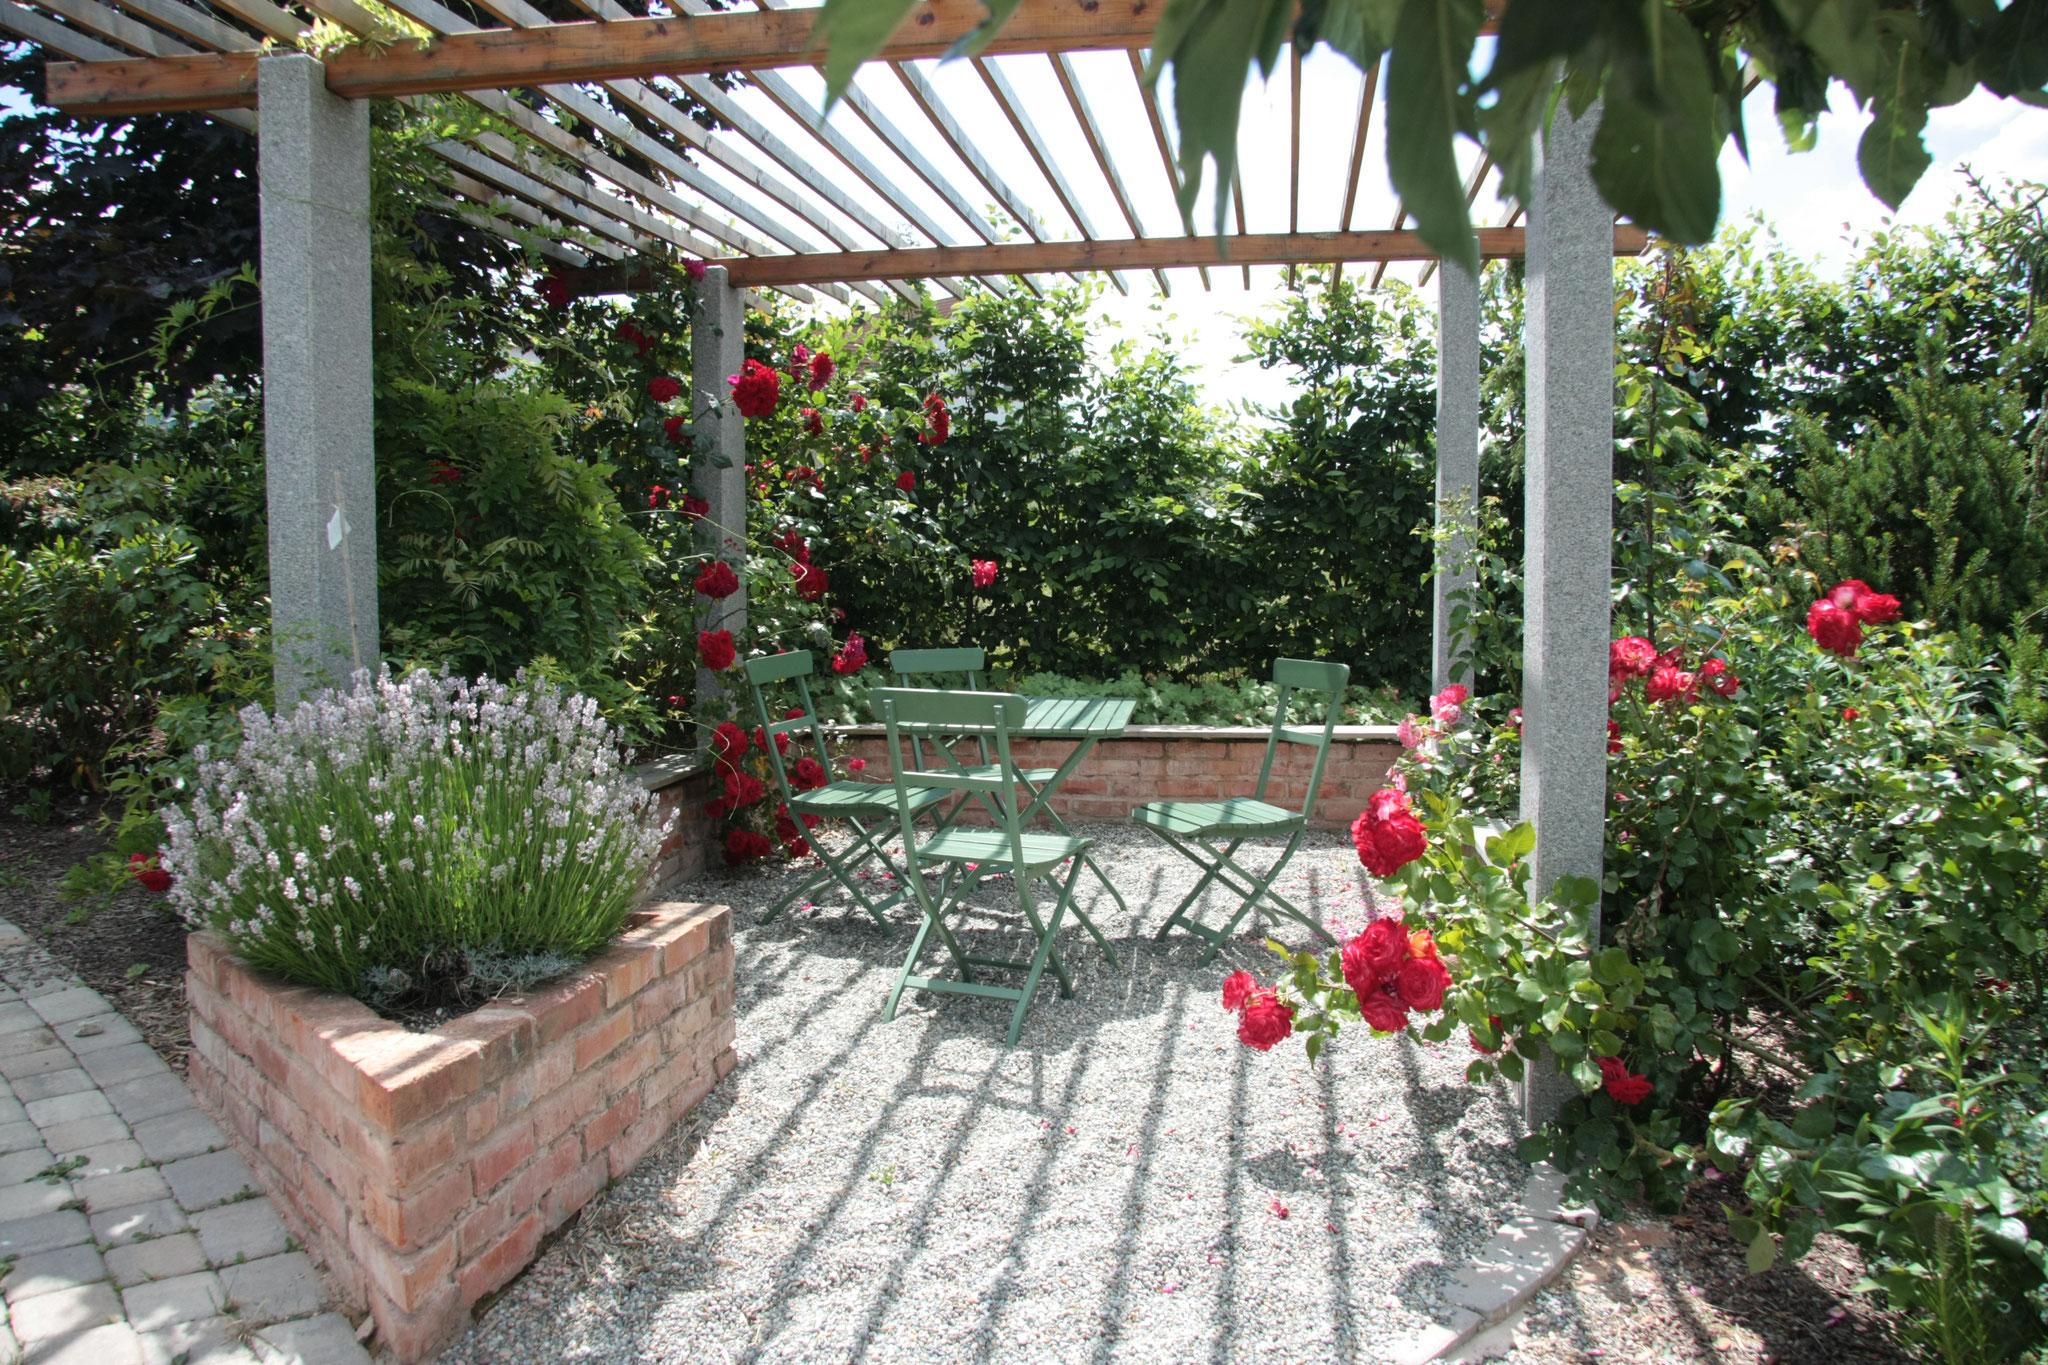 Bereiche zum entspannen im Gästegarten